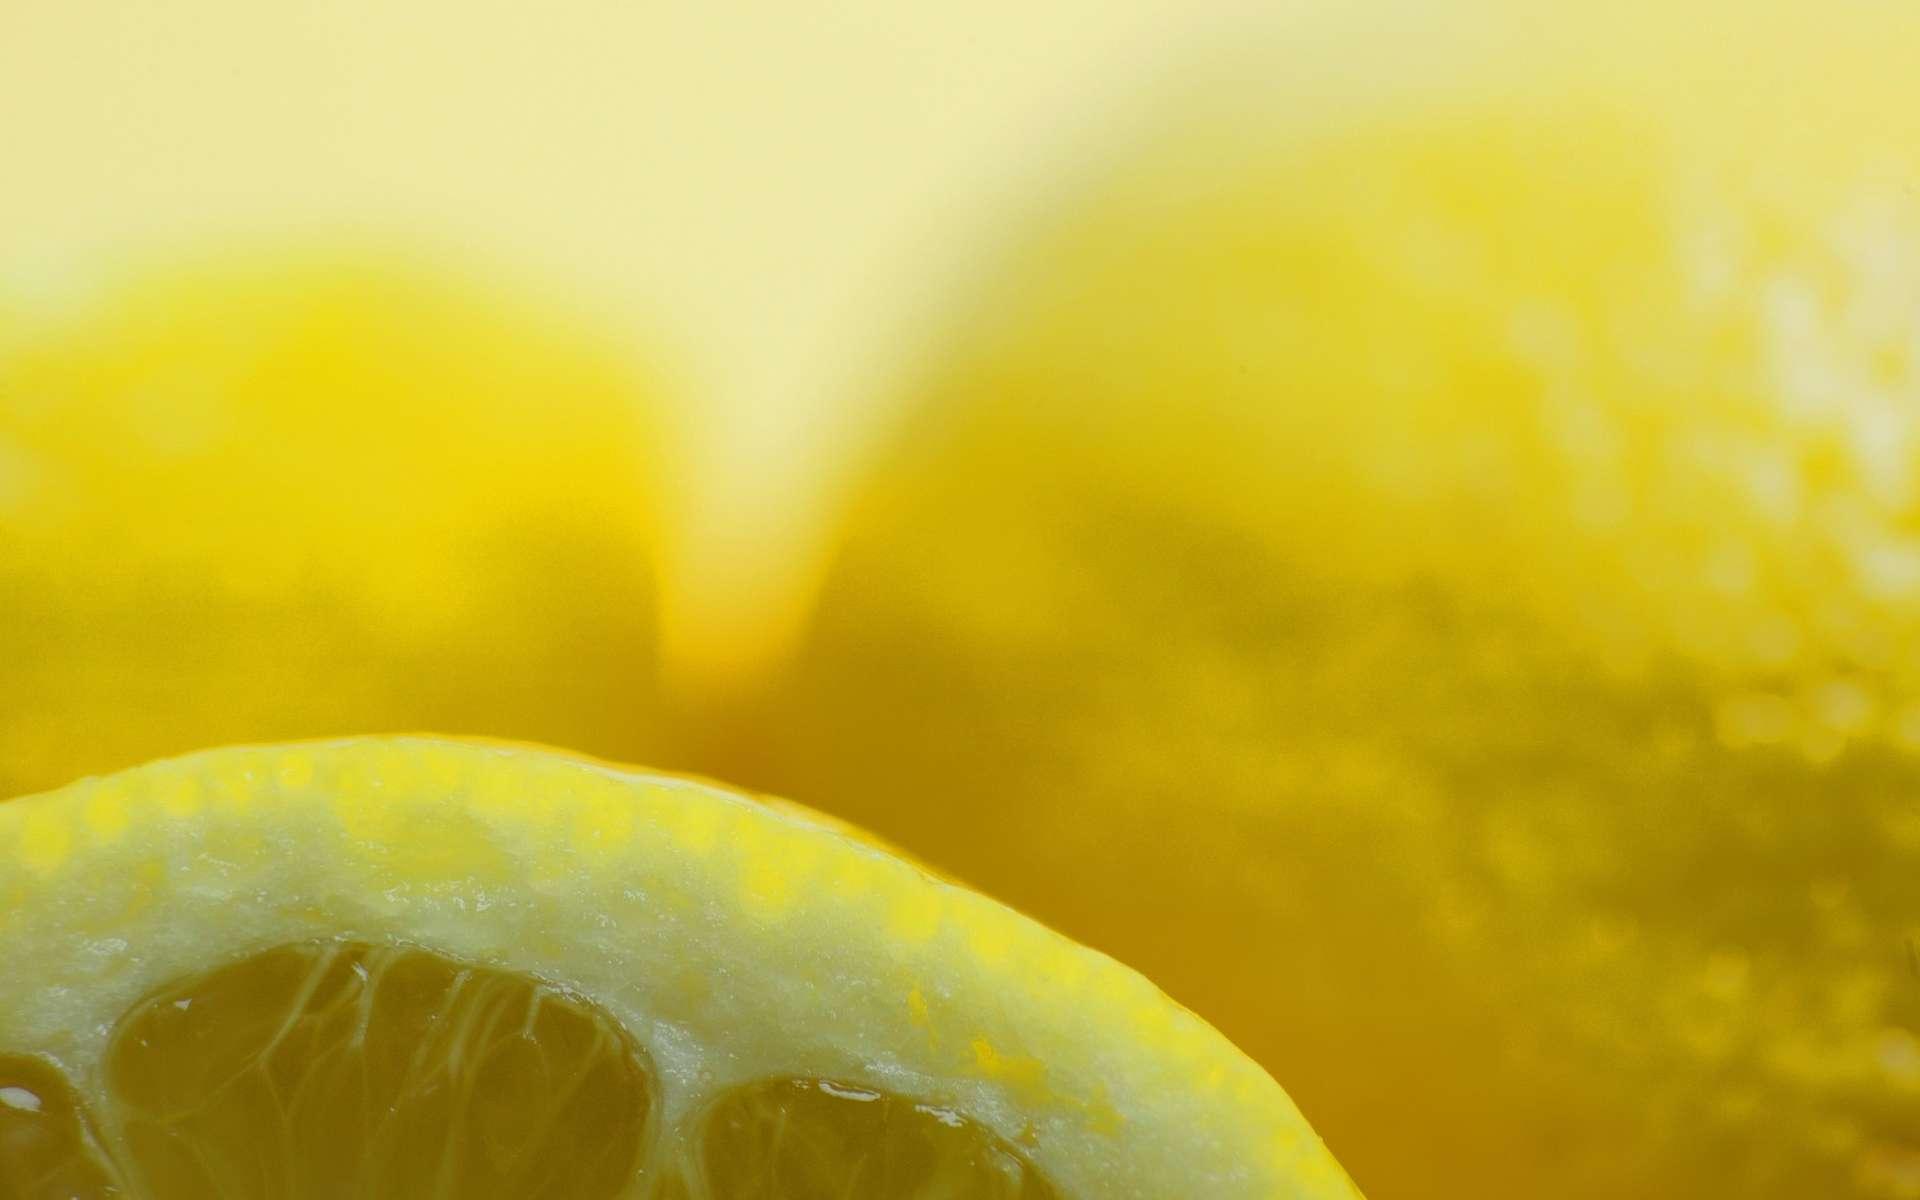 Le jus de citron est un décolorant naturel qui peut atténuer les taches de vieillesse. © Phovoir